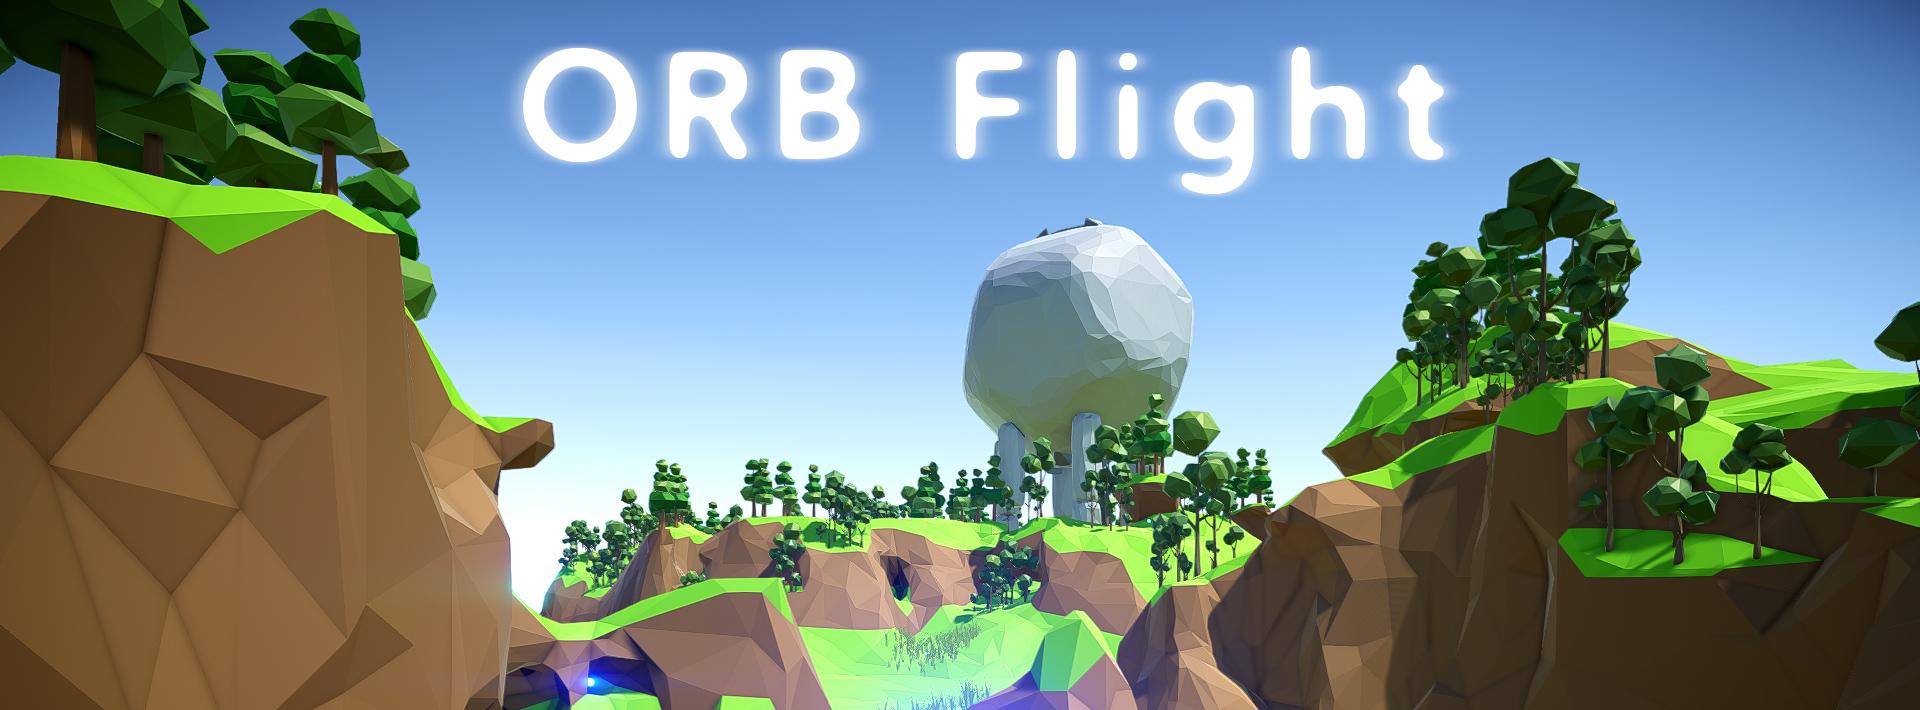 ORB Flight